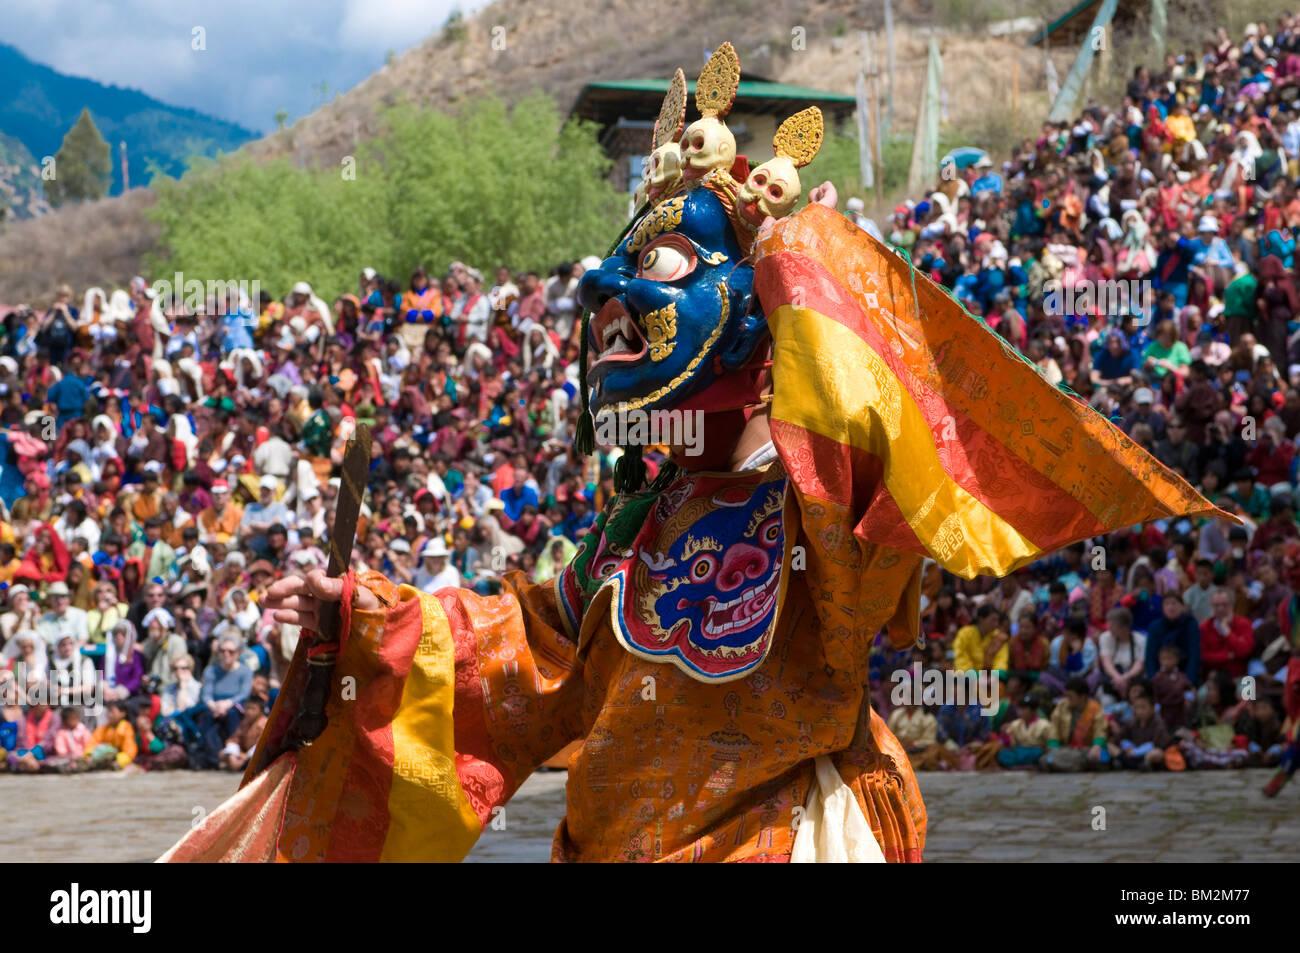 Tradizionalmente condita danzatrice presso il Paro Tsechu, una danza religiosa cerimonia, Paro, Bhutan Immagini Stock